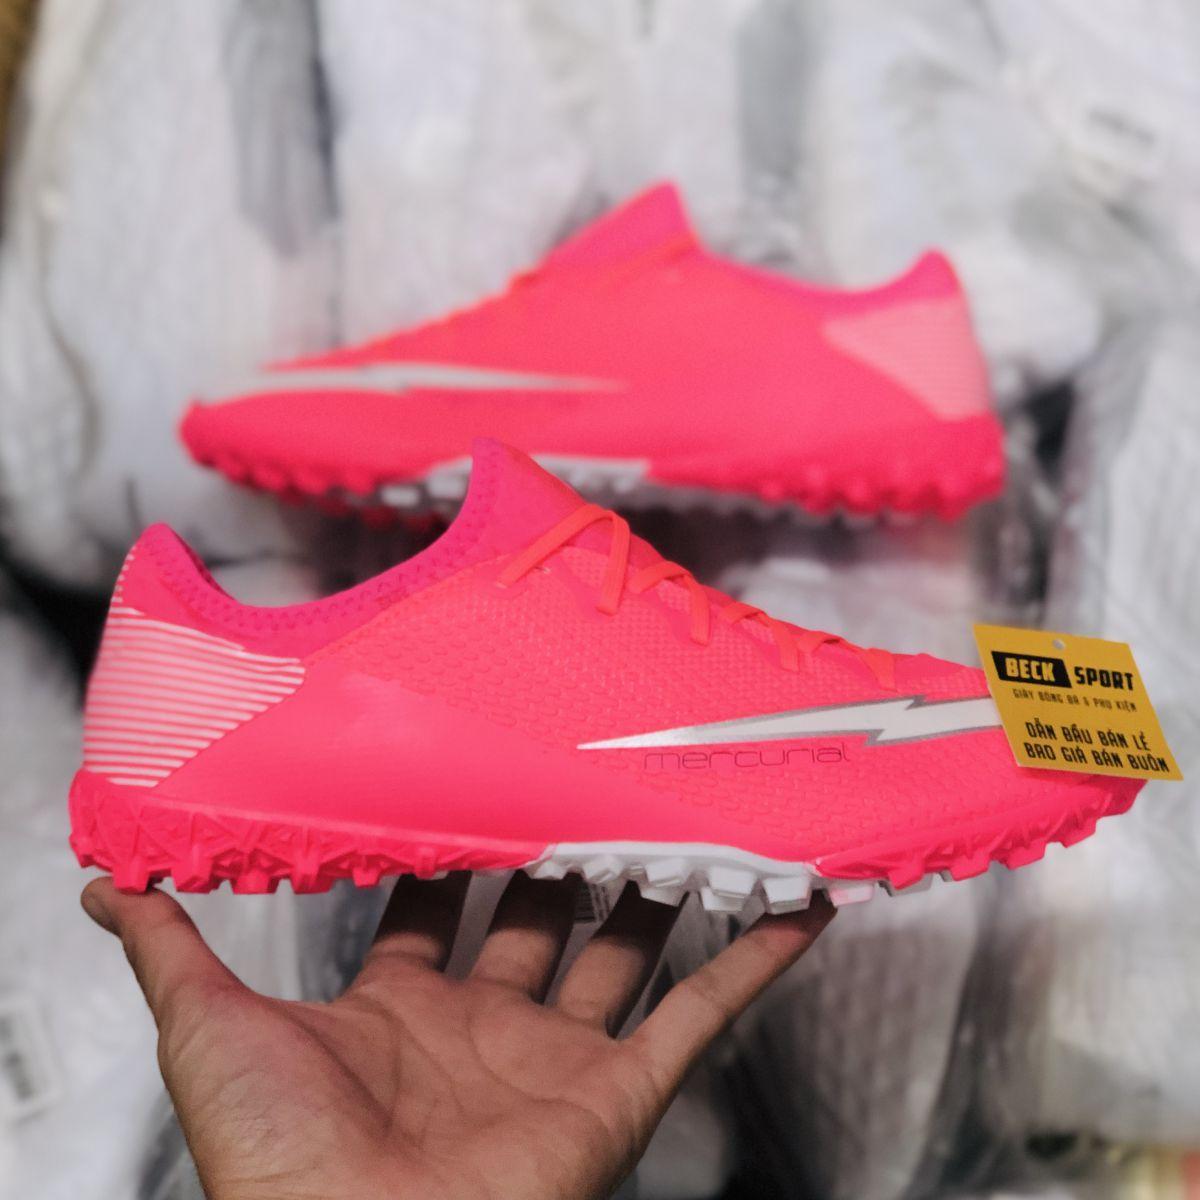 Giày Bóng Đá Nike Mercurial Vapor 13 Pro Mbappe Hồng Vạch Trắng Cổ Lửng V2 TF